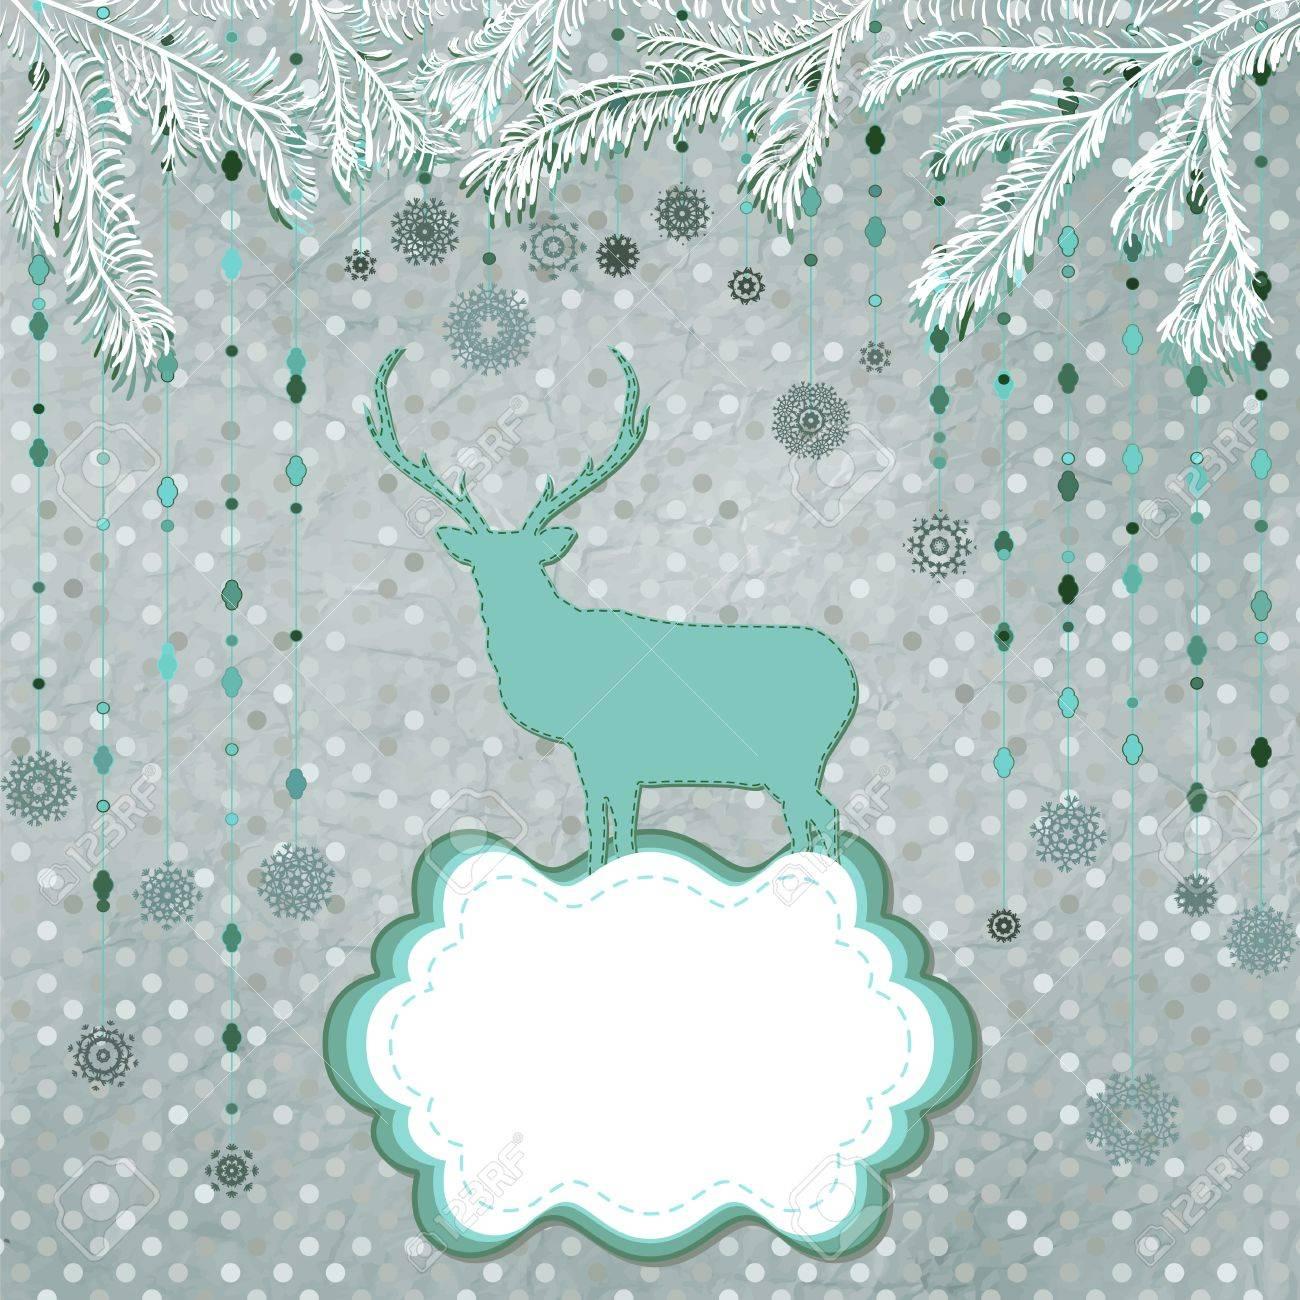 Invitación Tarjeta De Navidad Plantilla Ilustraciones Vectoriales ...